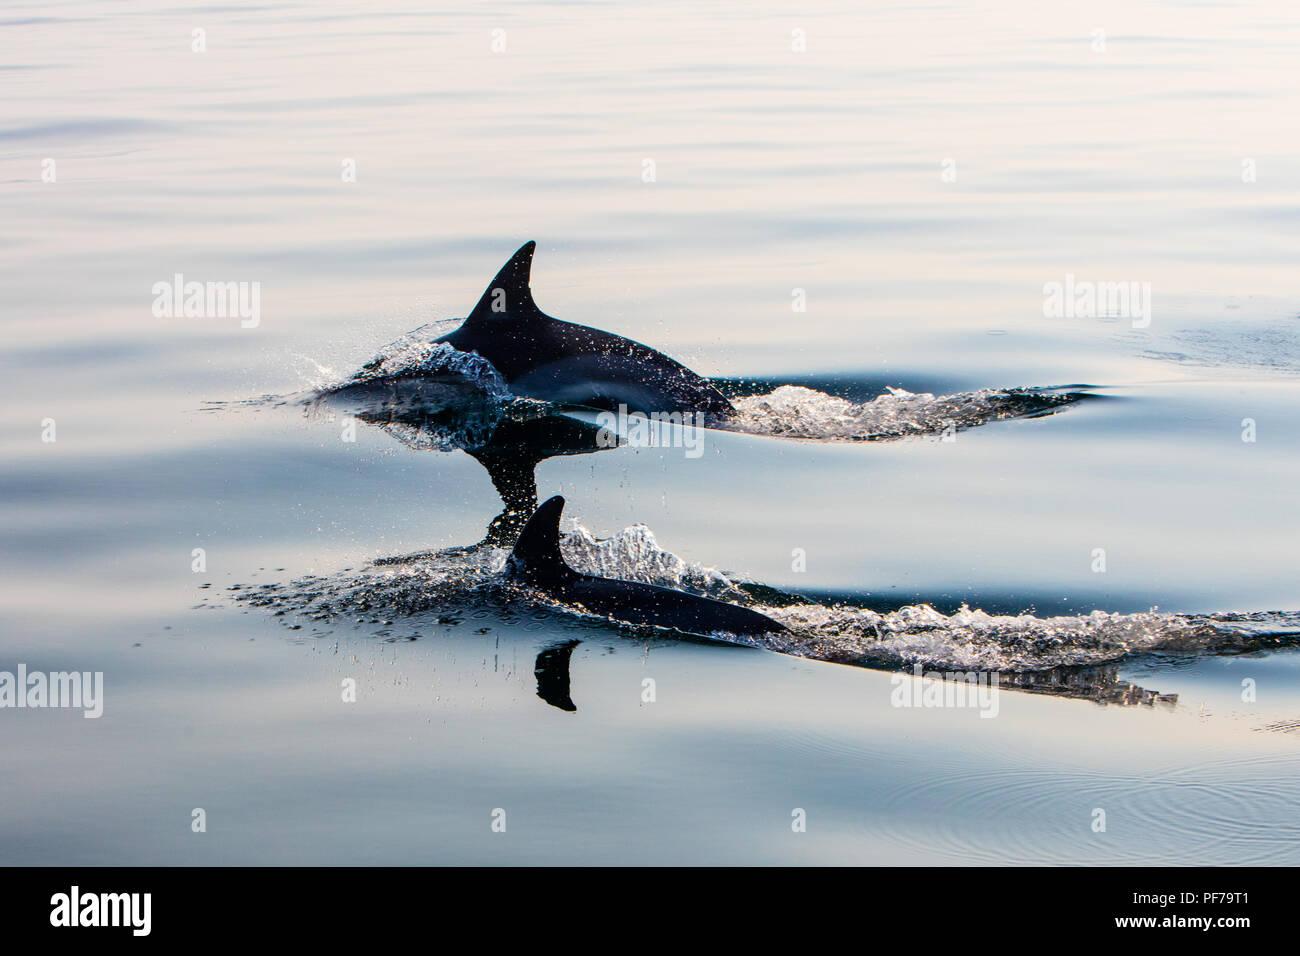 Una coppia di veloce e agile Short-Beaked delfini comuni, Delphinus delphis, nuotare nell'Oceano Atlantico al largo di Capo Cod, Massachusetts. Immagini Stock